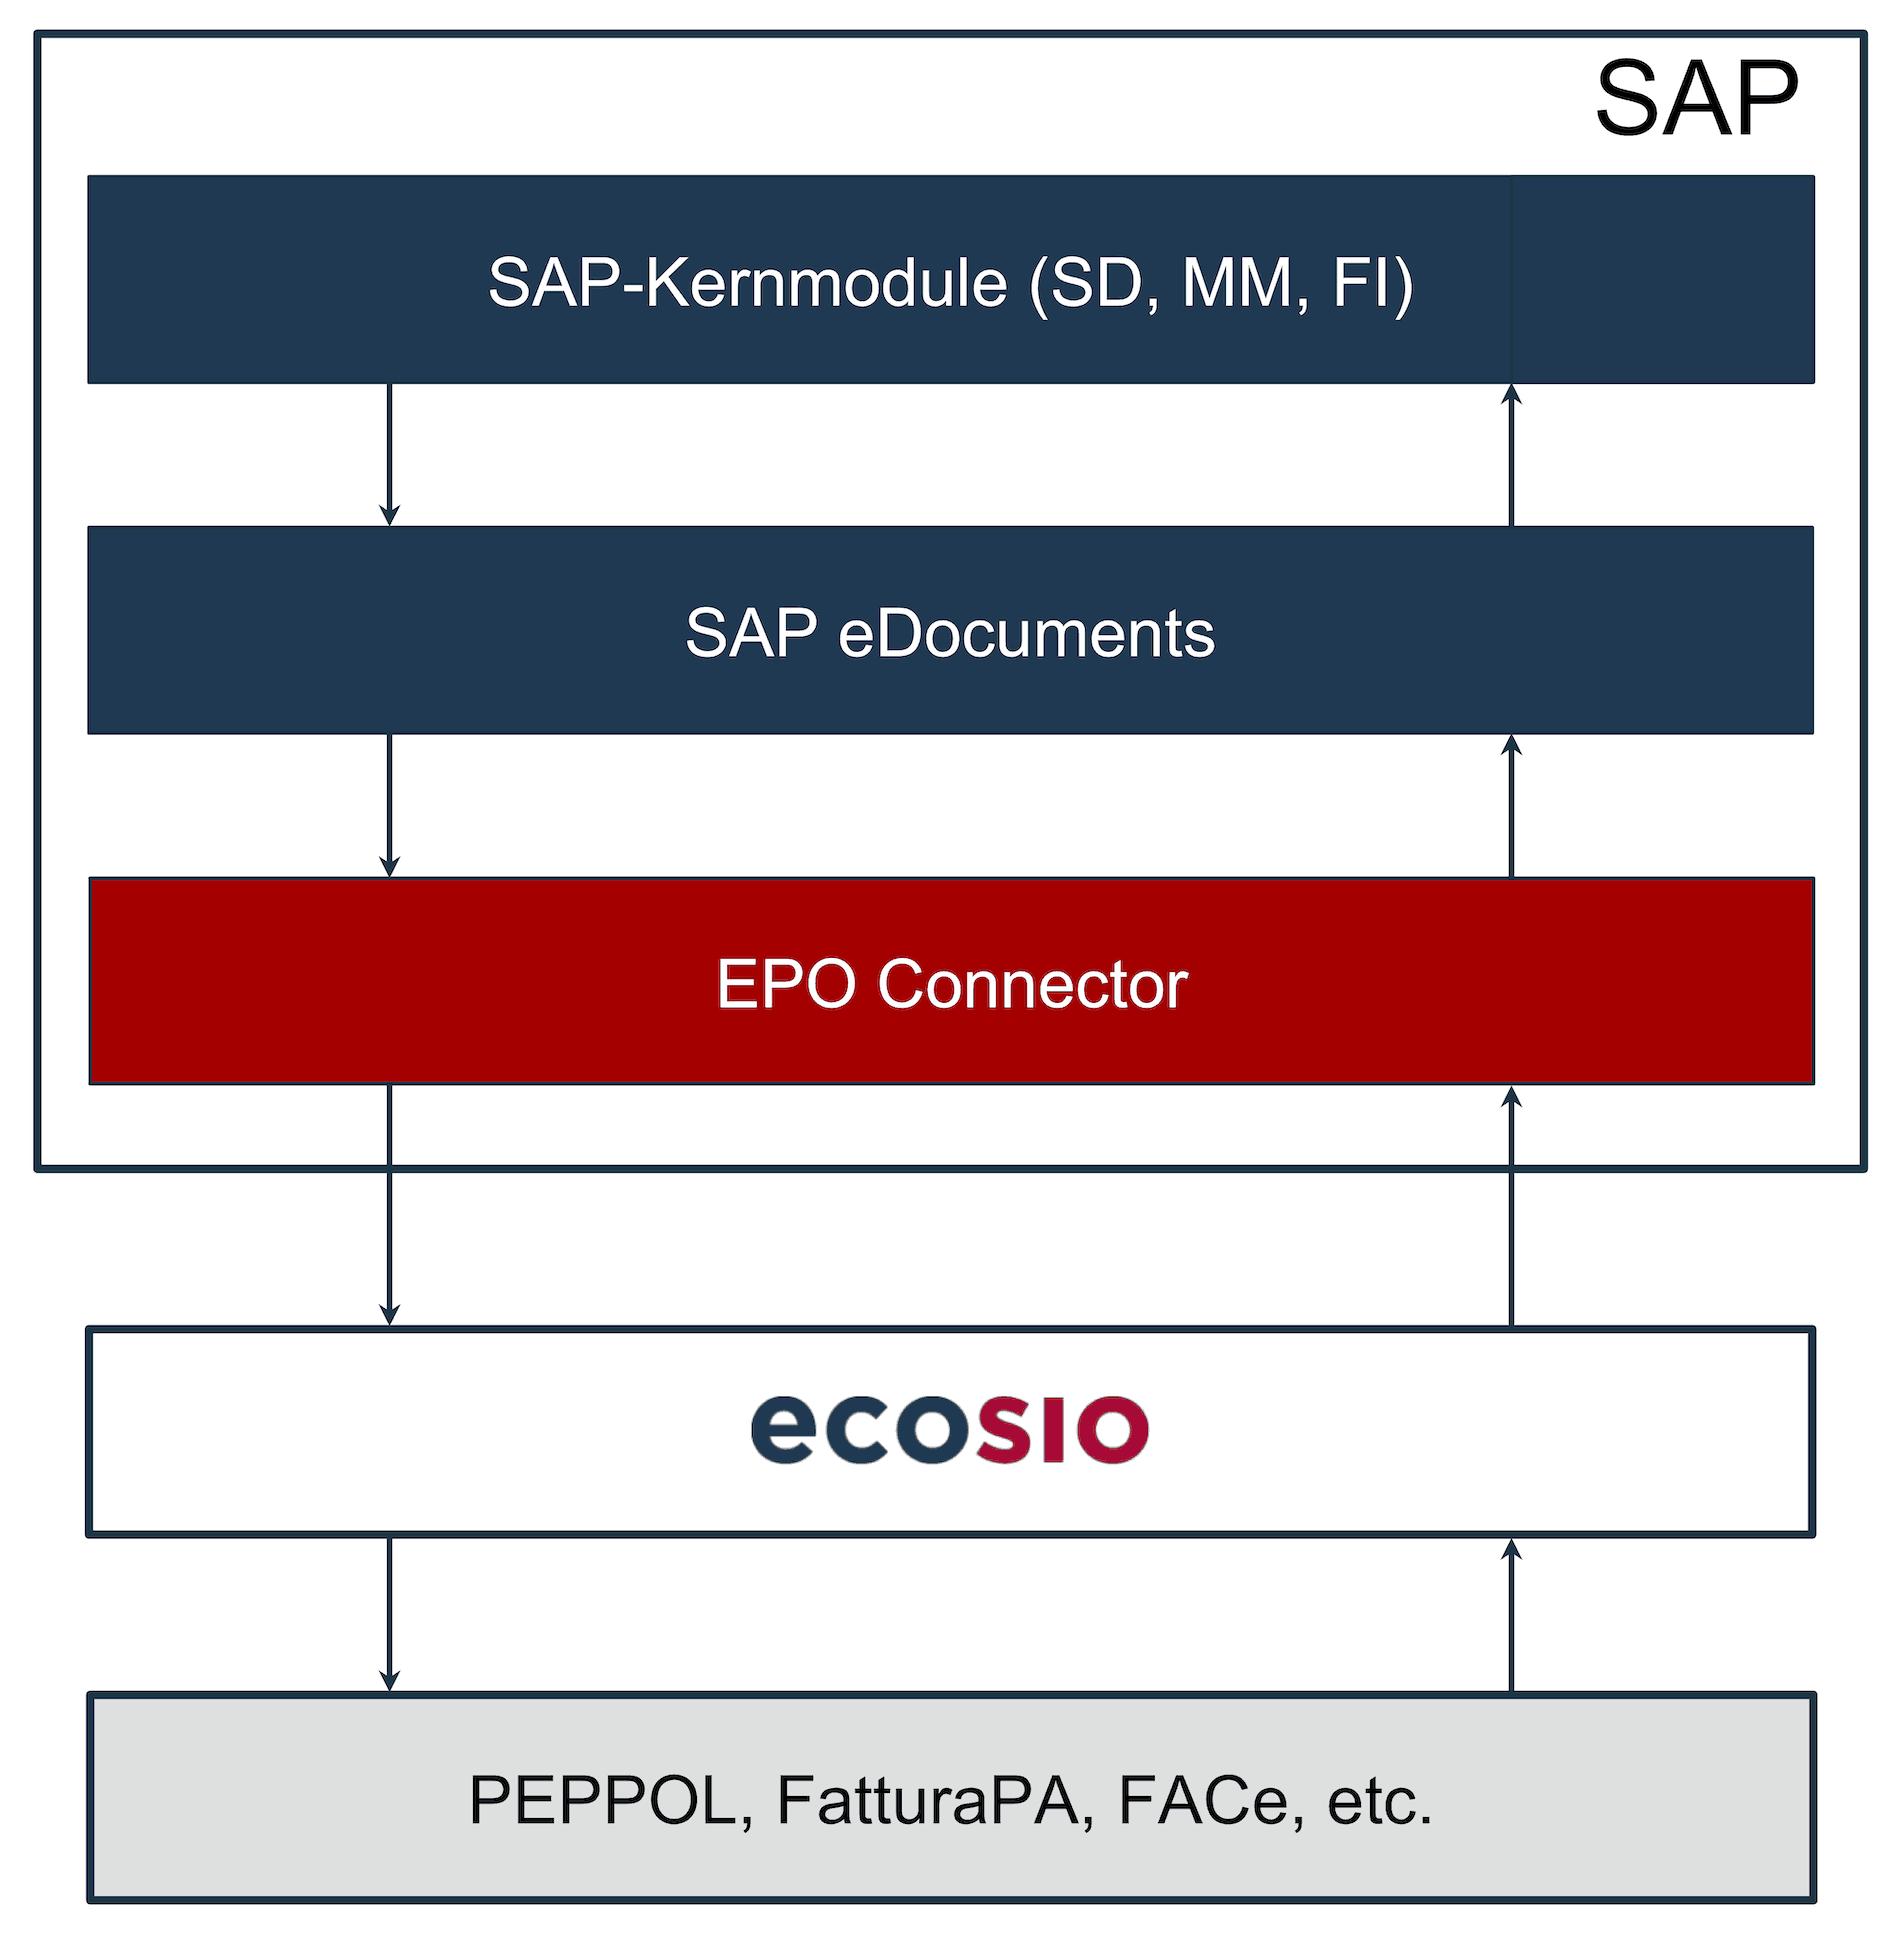 Konvertierung und Versand von e-Rechnungen mithilfe eines Dienstleisters. Austausch von elektronischen Rechnungen mit dem SAP eDocument Framework